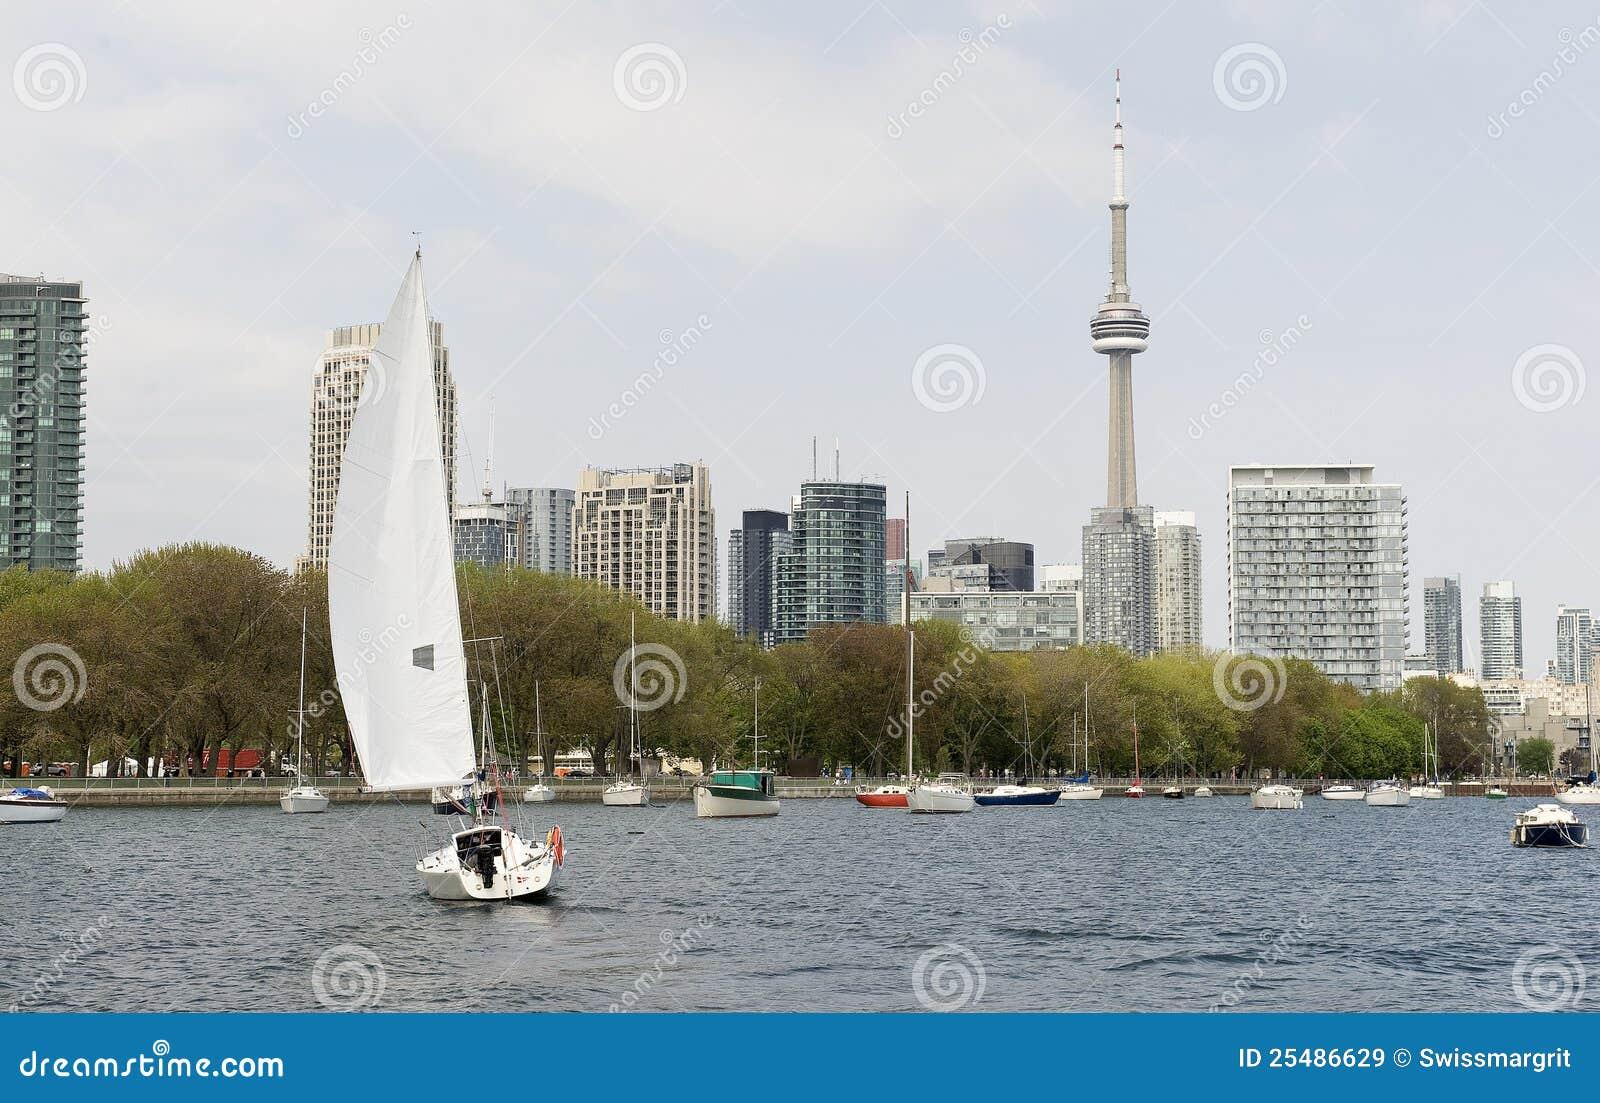 Harbourfront de Toronto